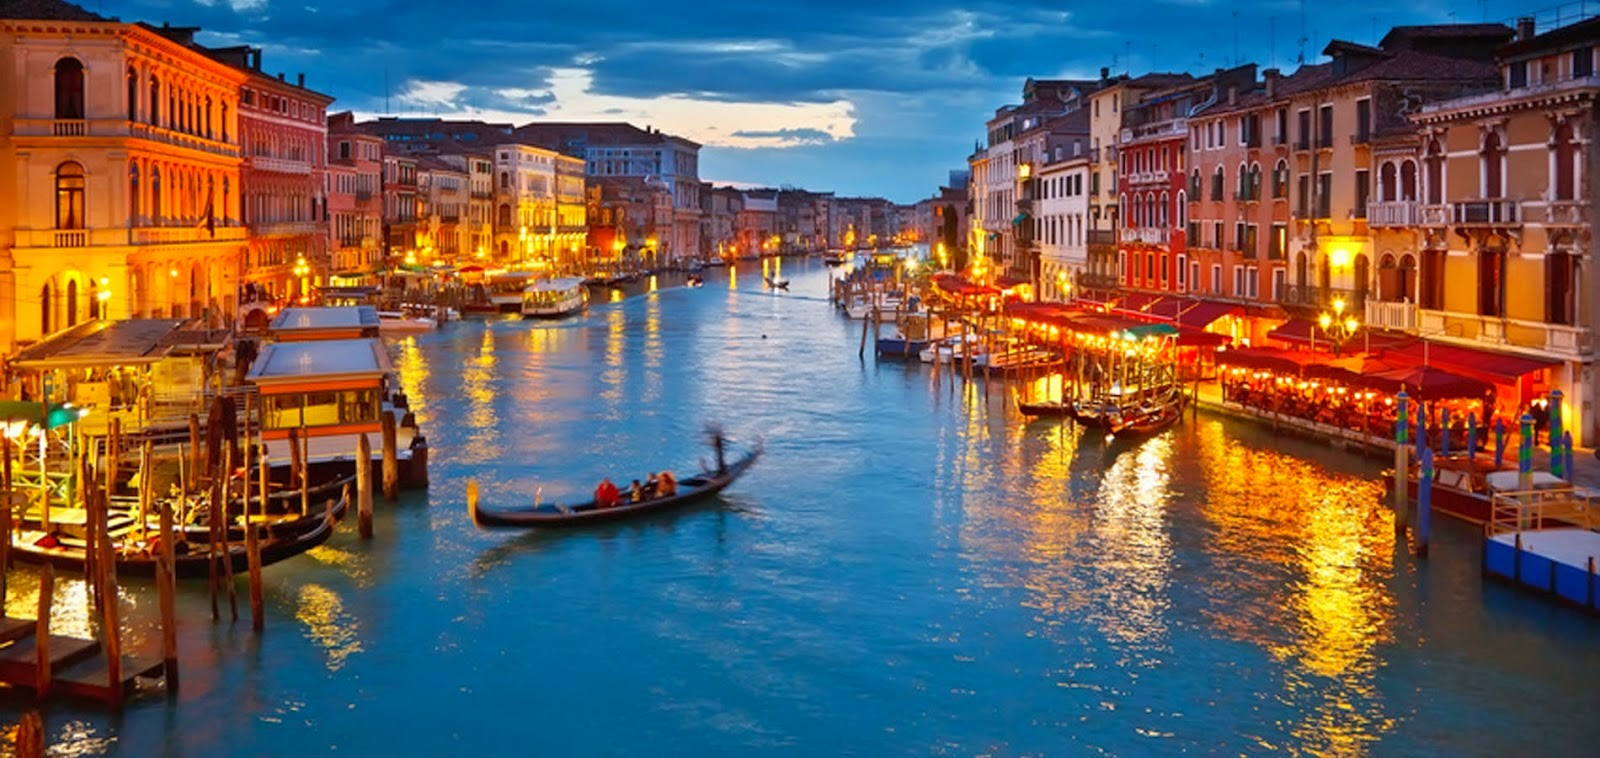 фото венеции италия